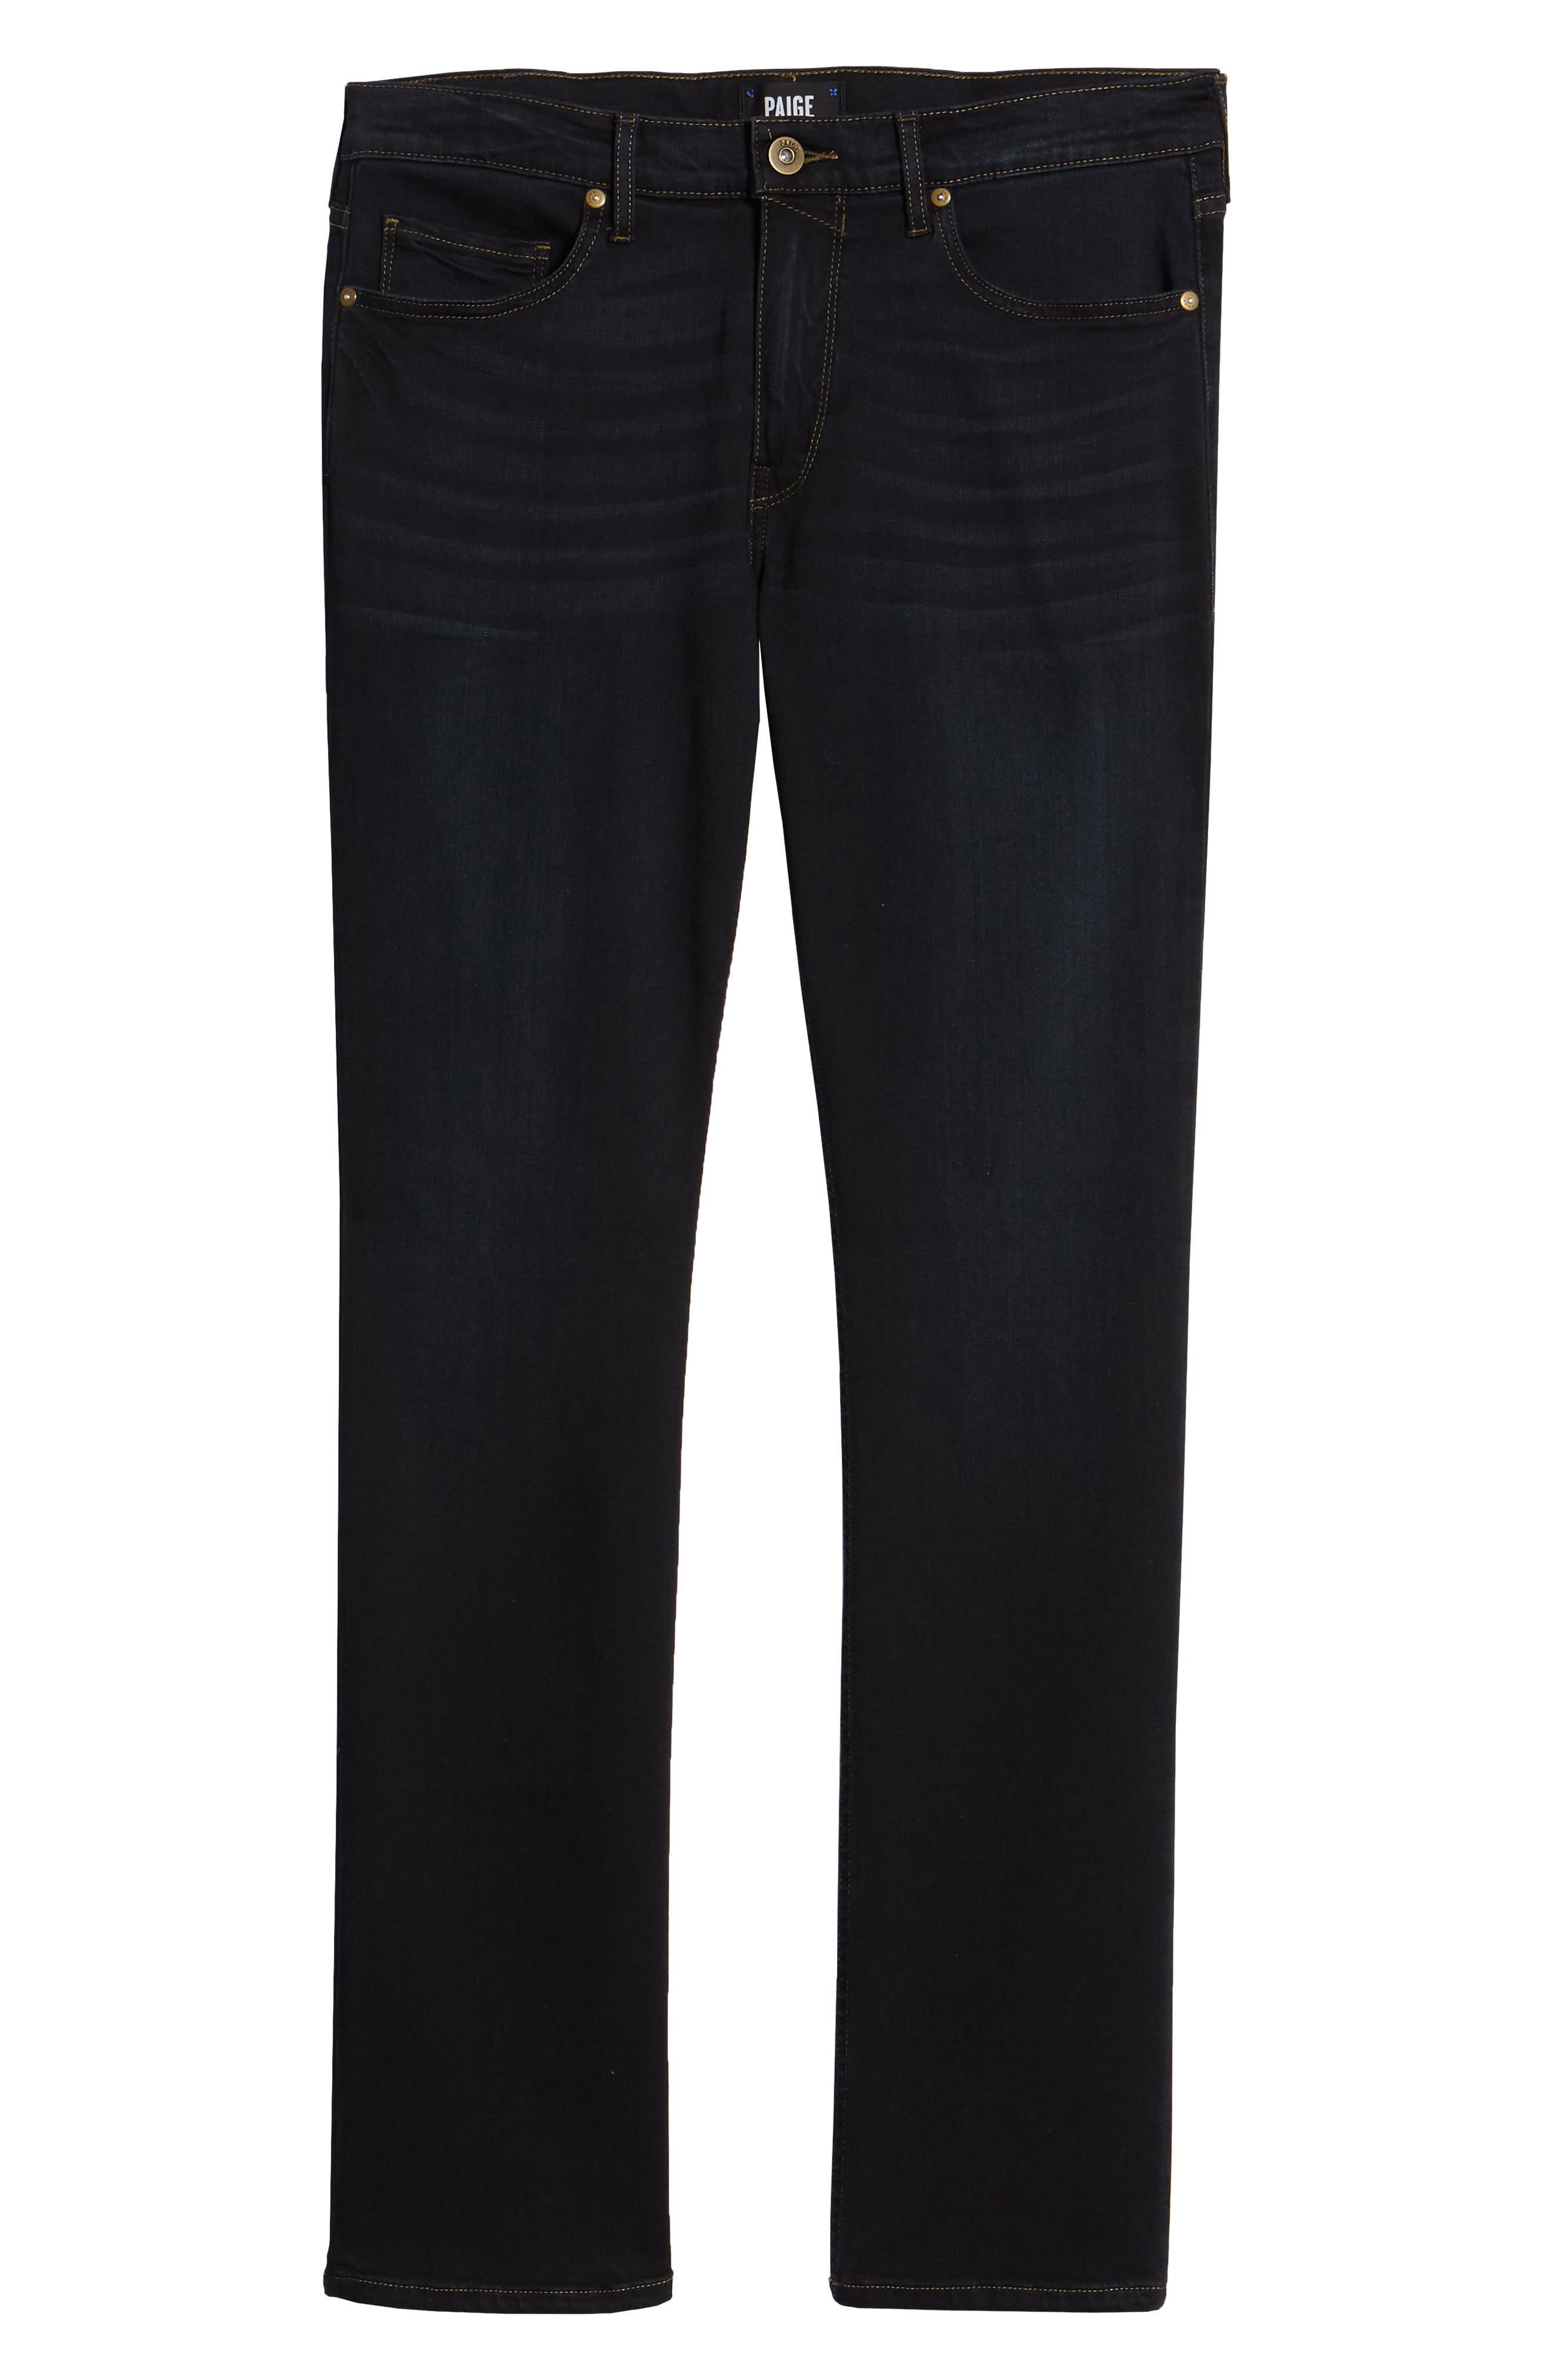 Transcend - Normandie Straight Leg Jeans,                             Alternate thumbnail 6, color,                             400